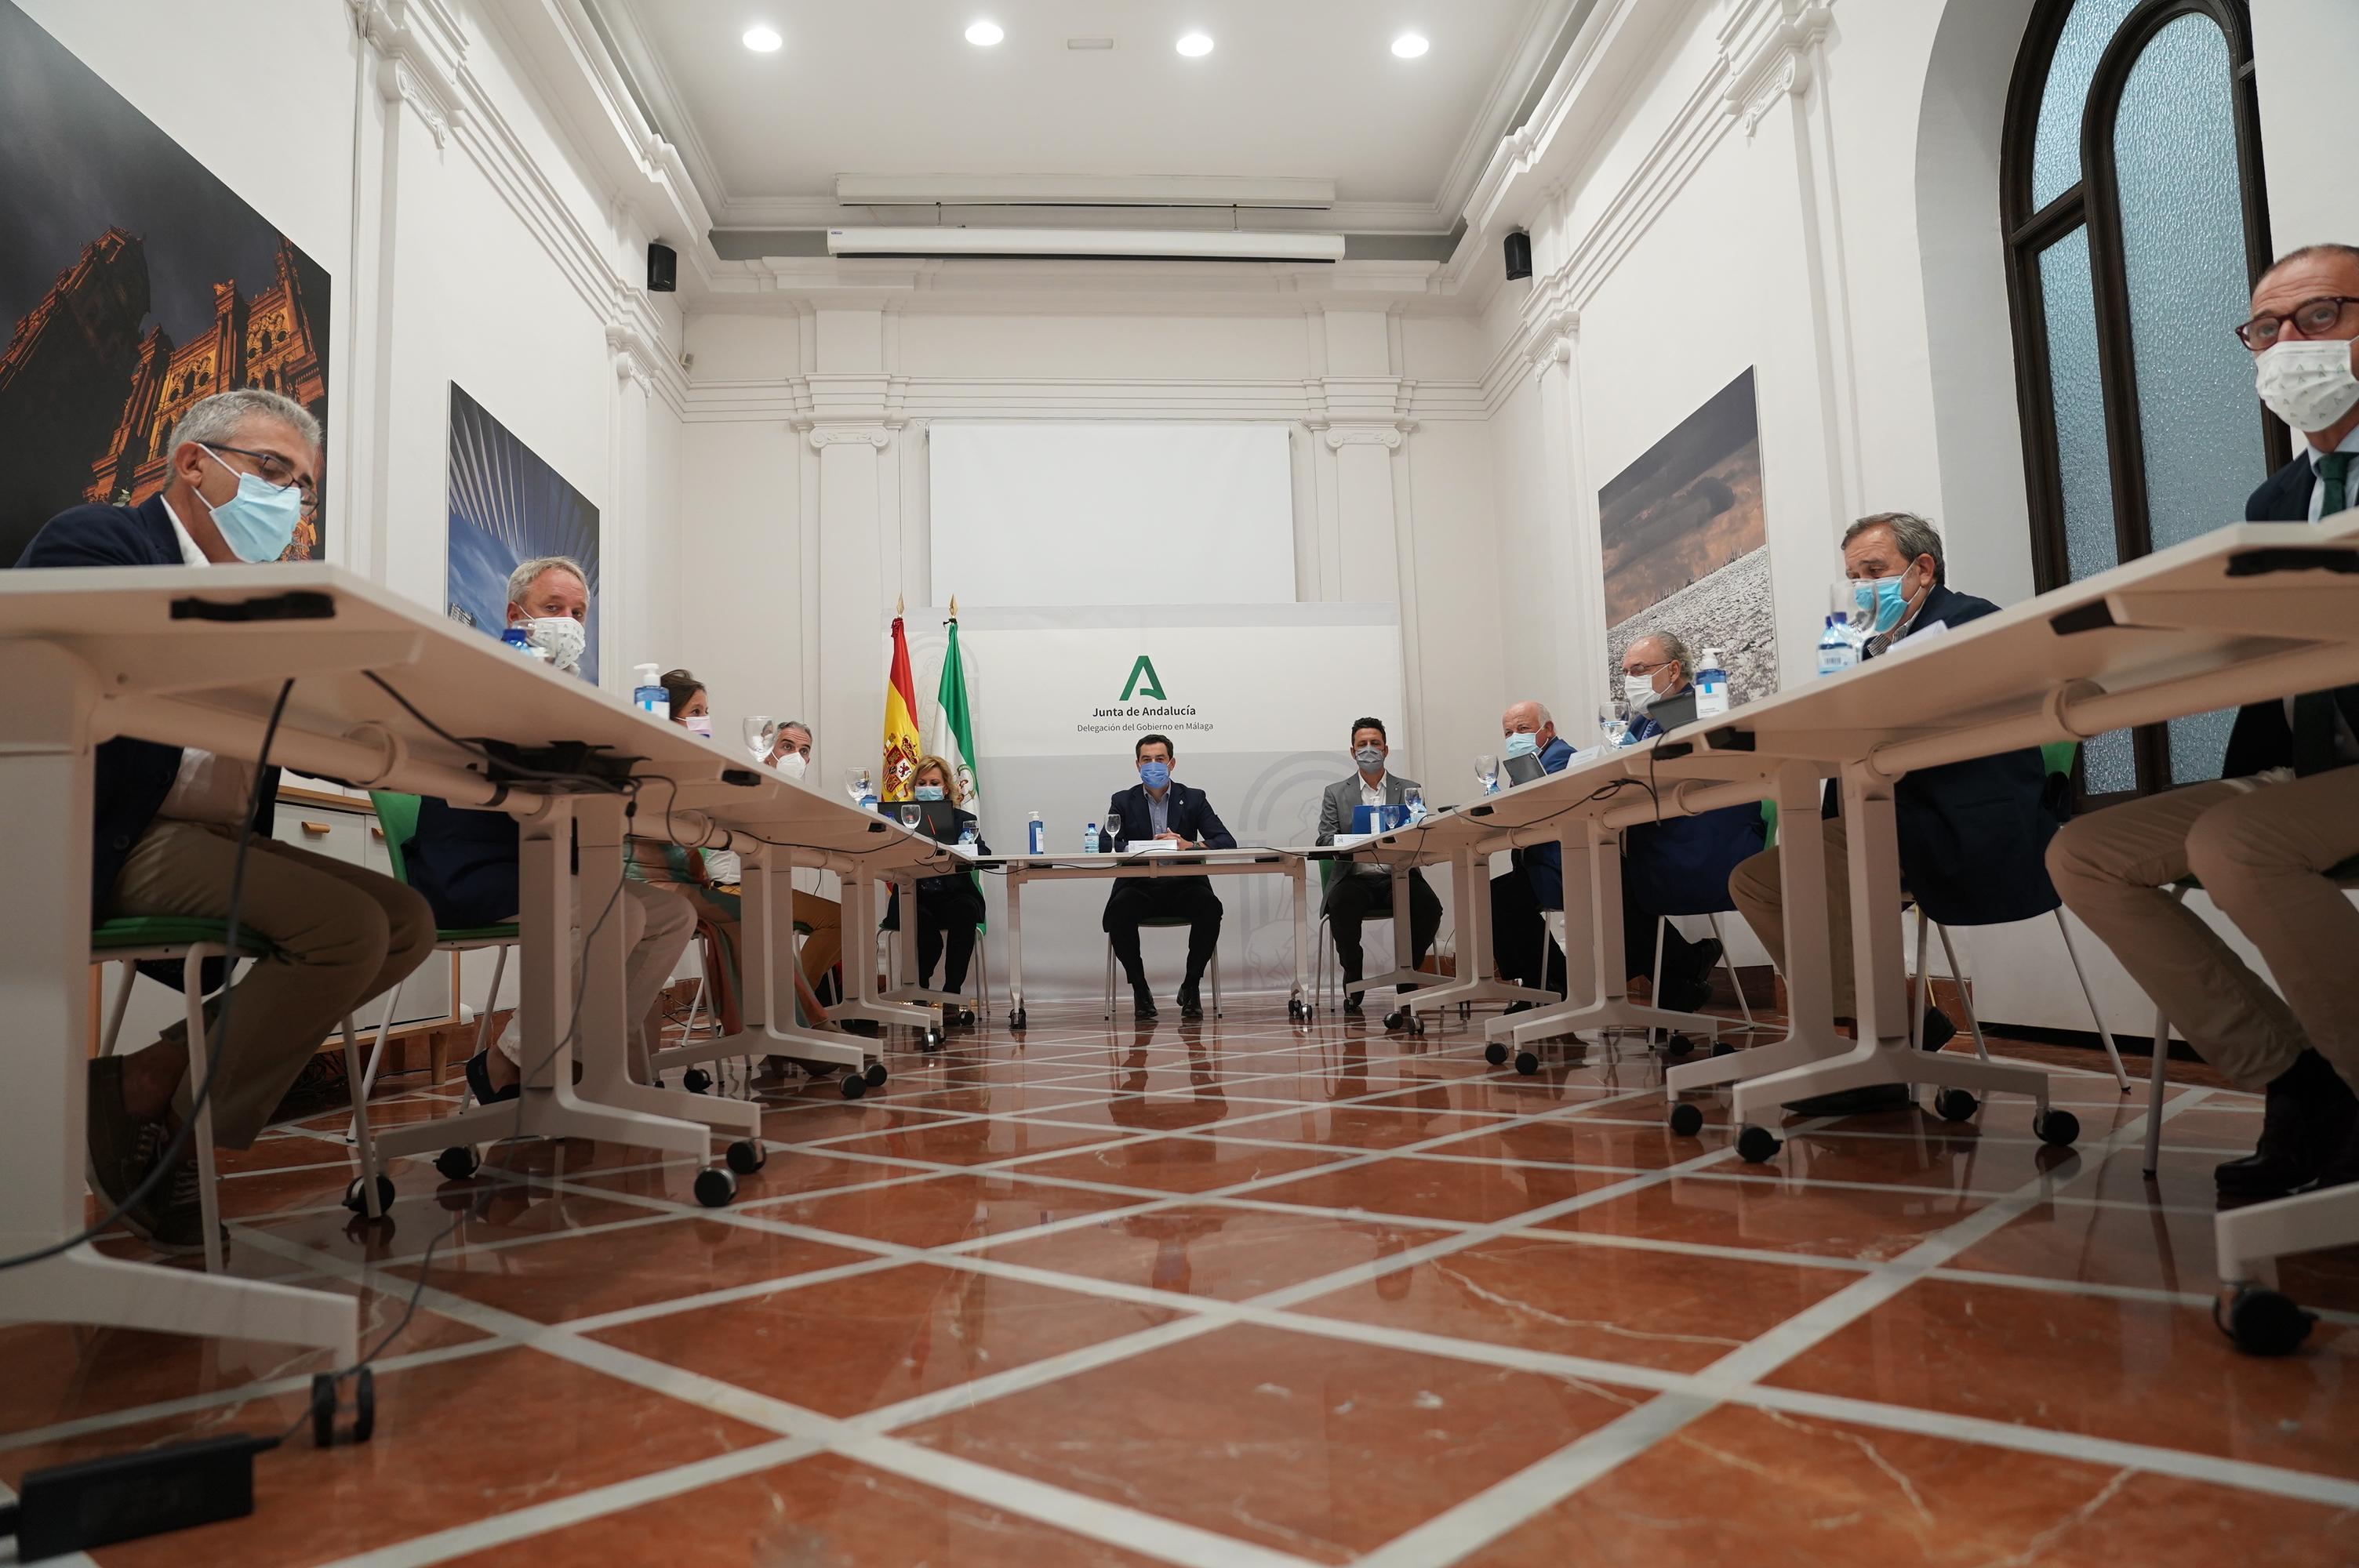 El presidente de la Junta, Juanma Moreno, preside la reunión del comité de expertos este lunes en Málaga.